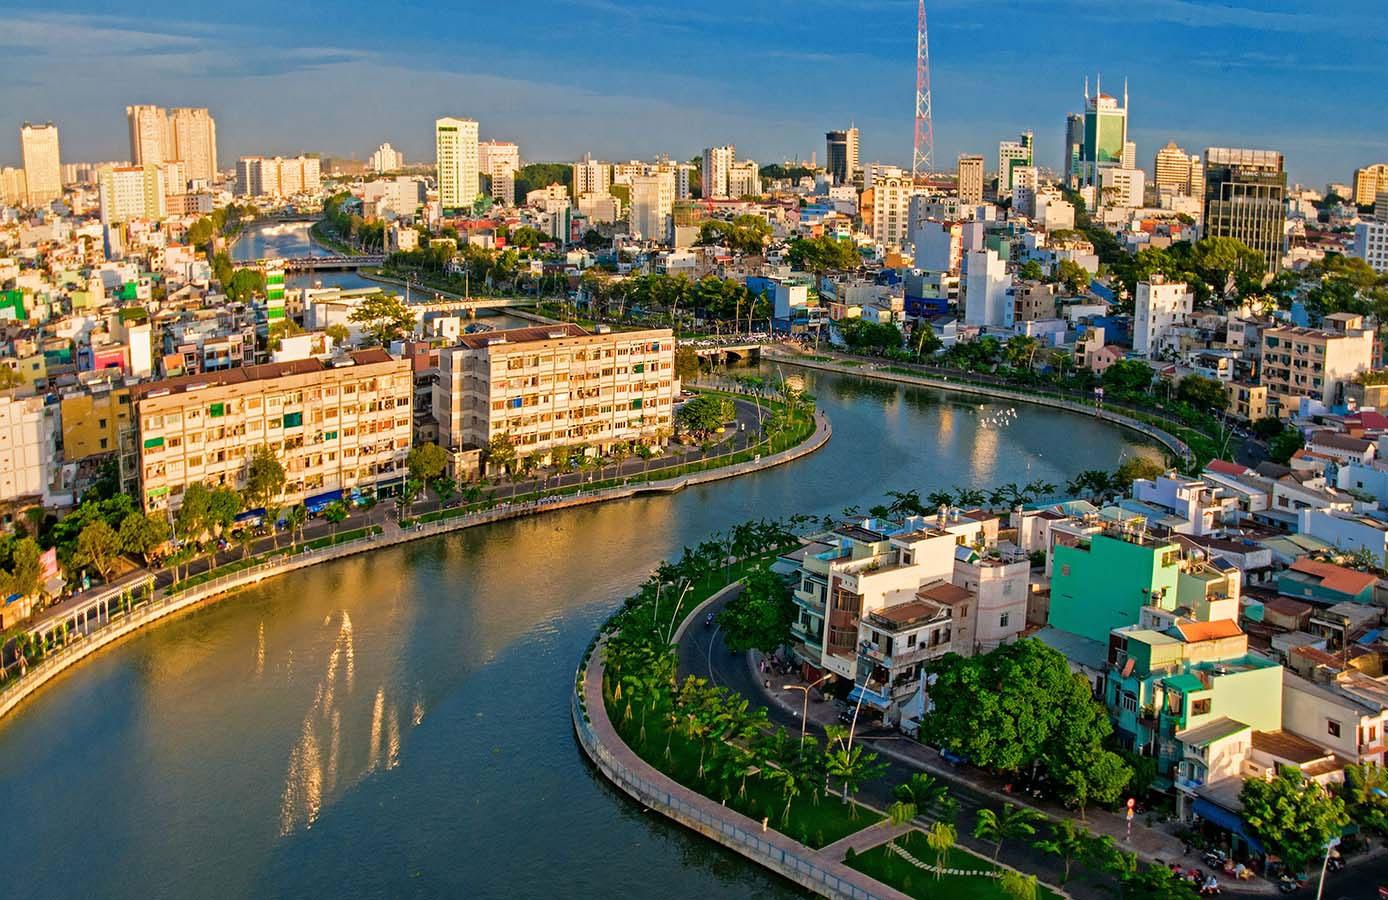 Bất động sản đã tác động đến quá trình đô thị hóa của TP HCM ra sao? - Ảnh 7.